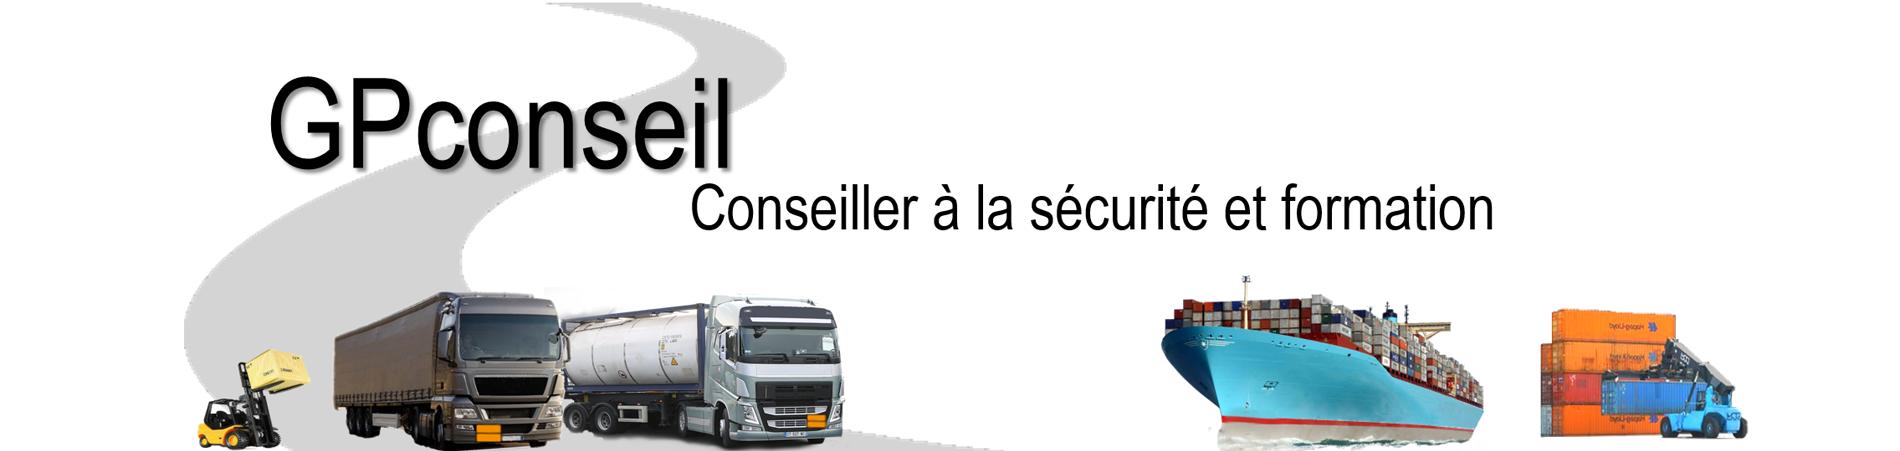 www.gpconseil-et-formation.com